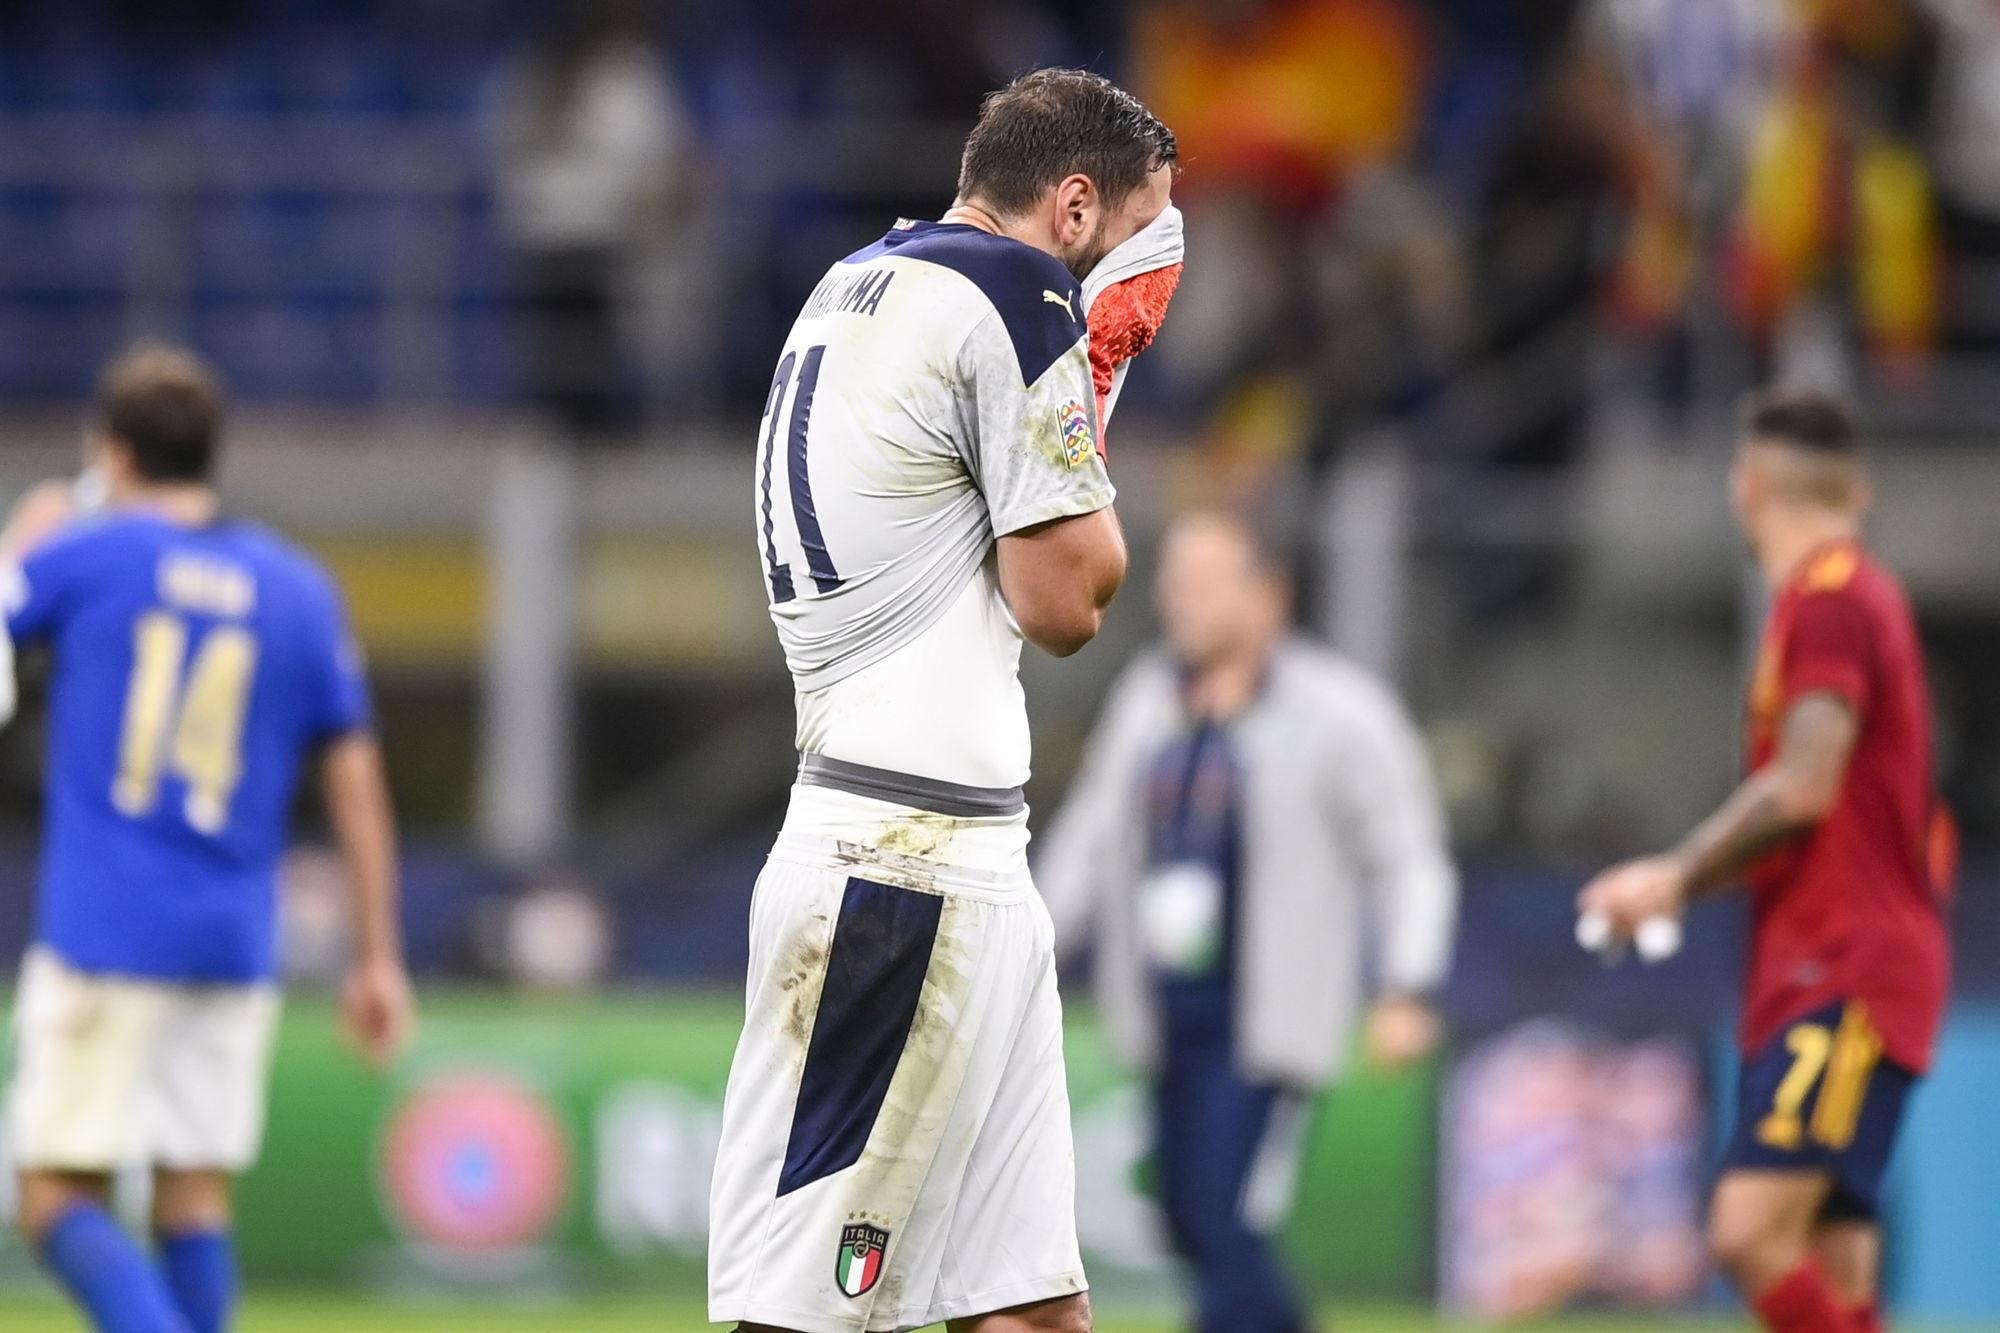 """Raiola s'agace après le sifflets contre Donnarumma """"c'est très triste et honteux"""""""